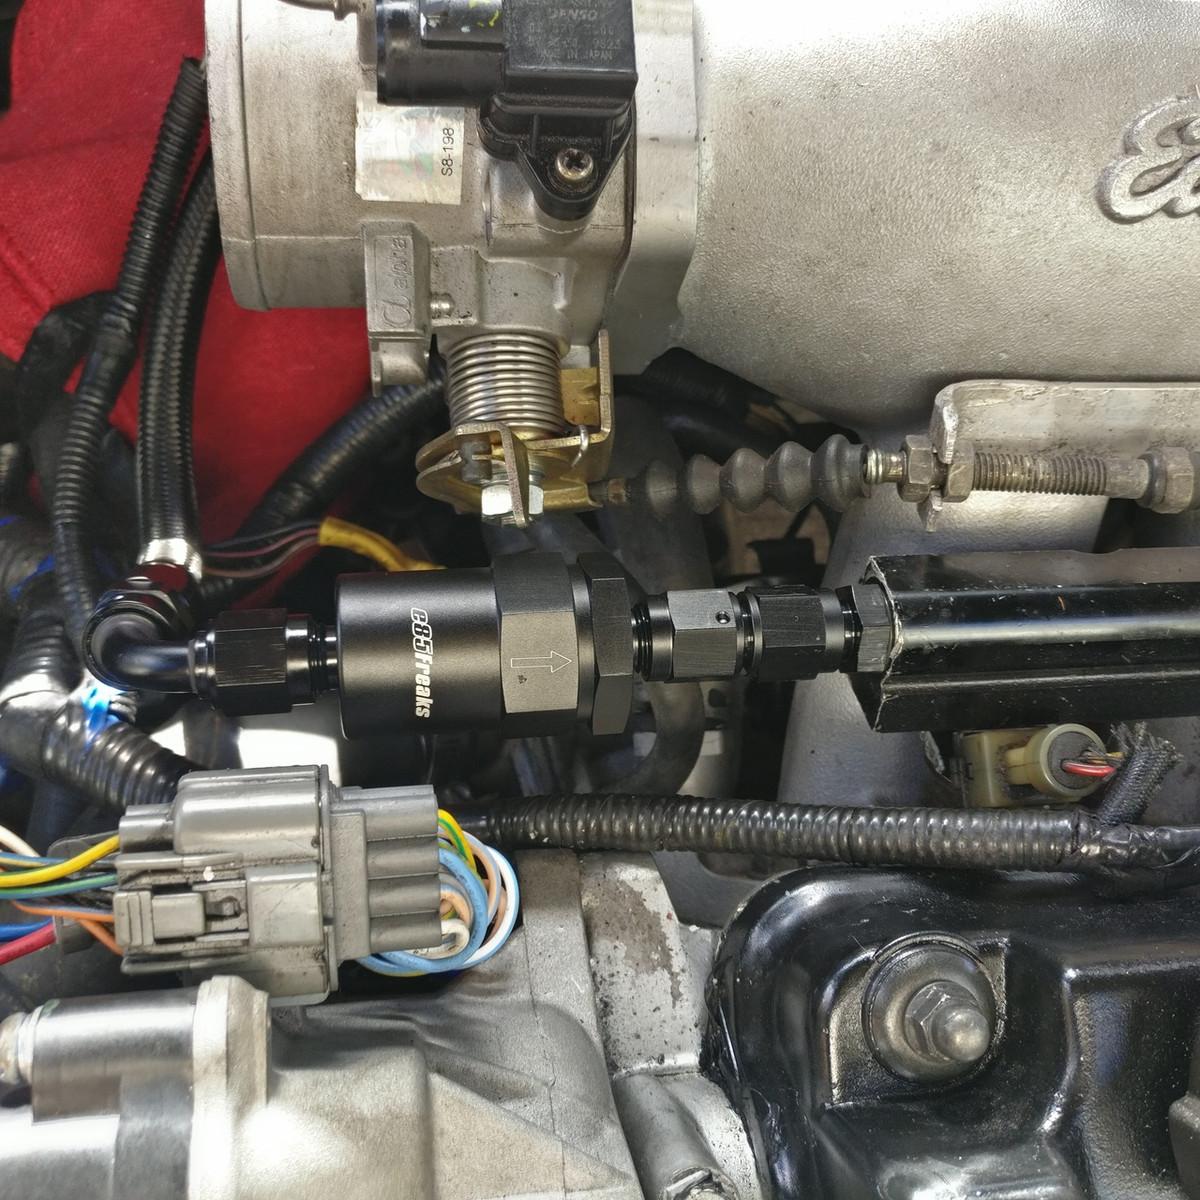 hight resolution of jbtuned honda ef civic da integra crx fuel line tuck kithonda crx fuel filter 3